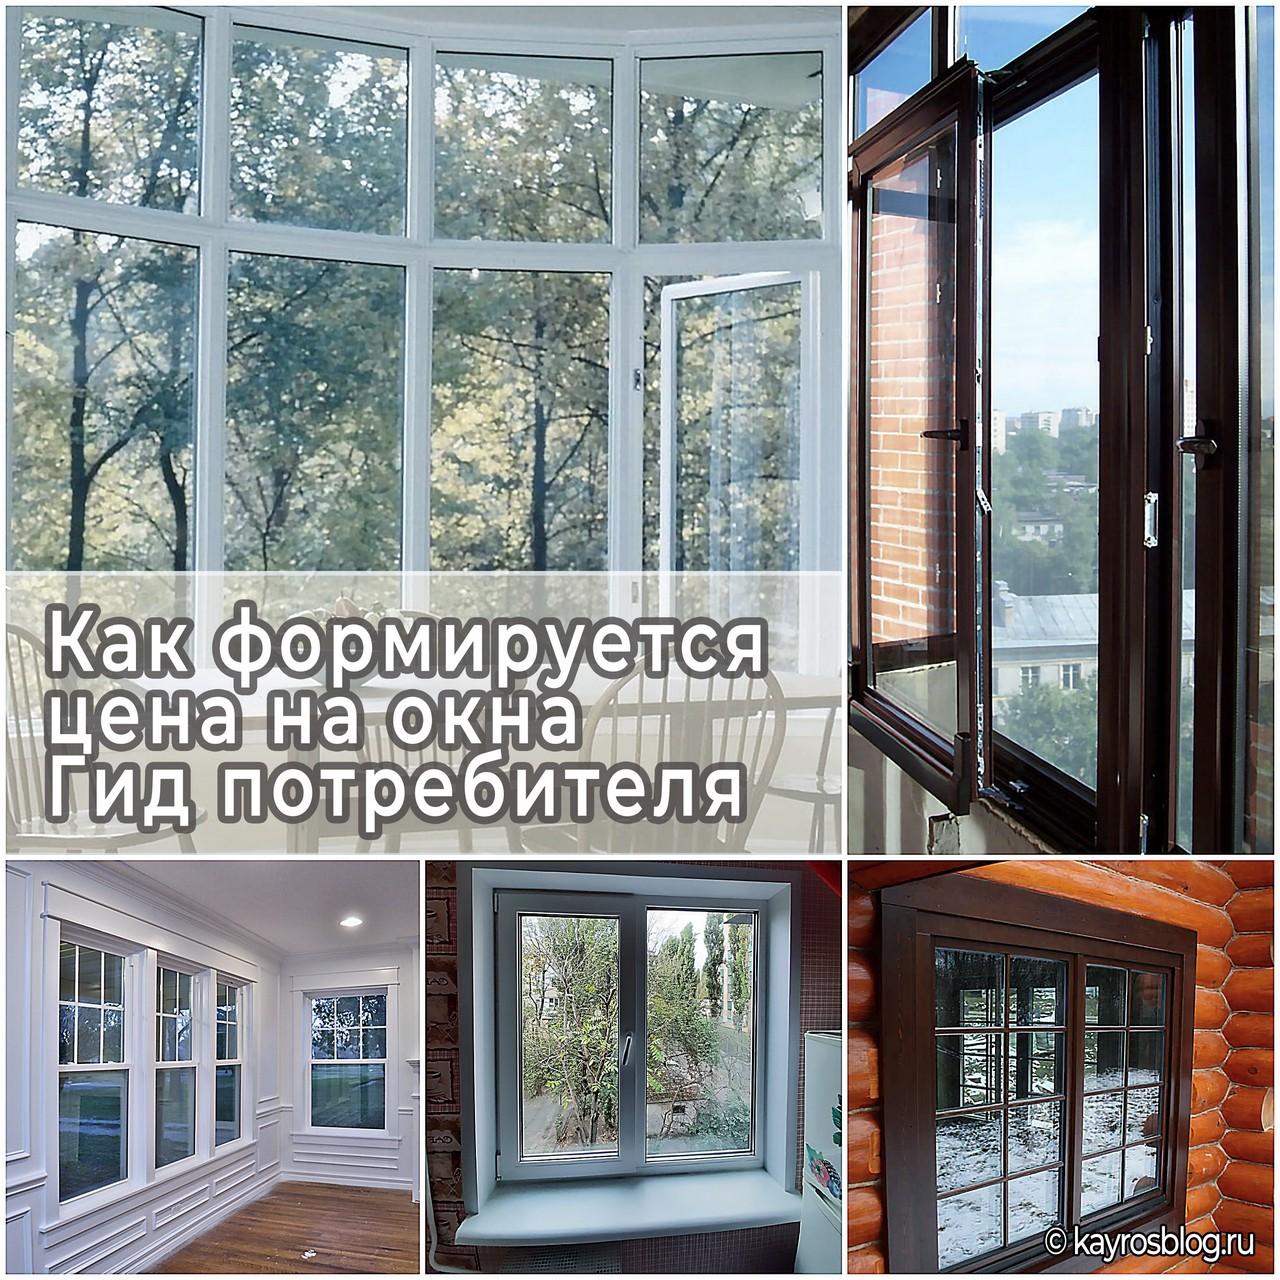 Как формируется цена на окна - Гид потребителя